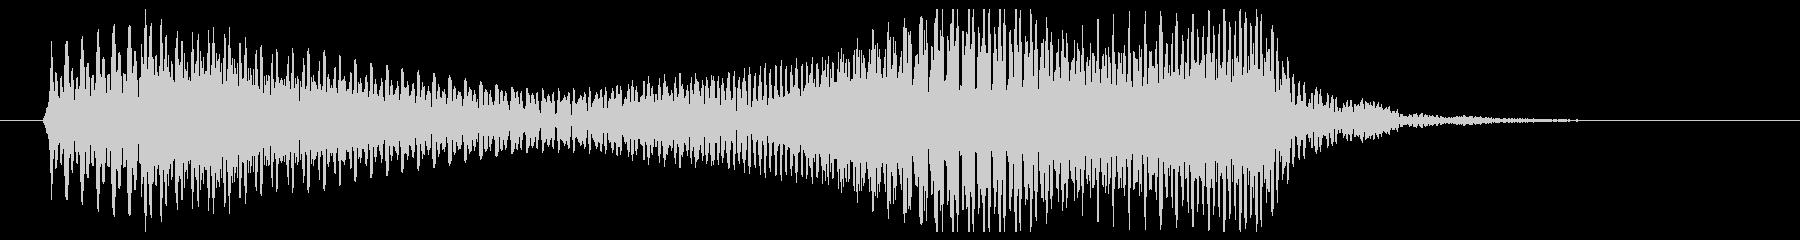 ポローン(柔らかめのシンセ音)の未再生の波形